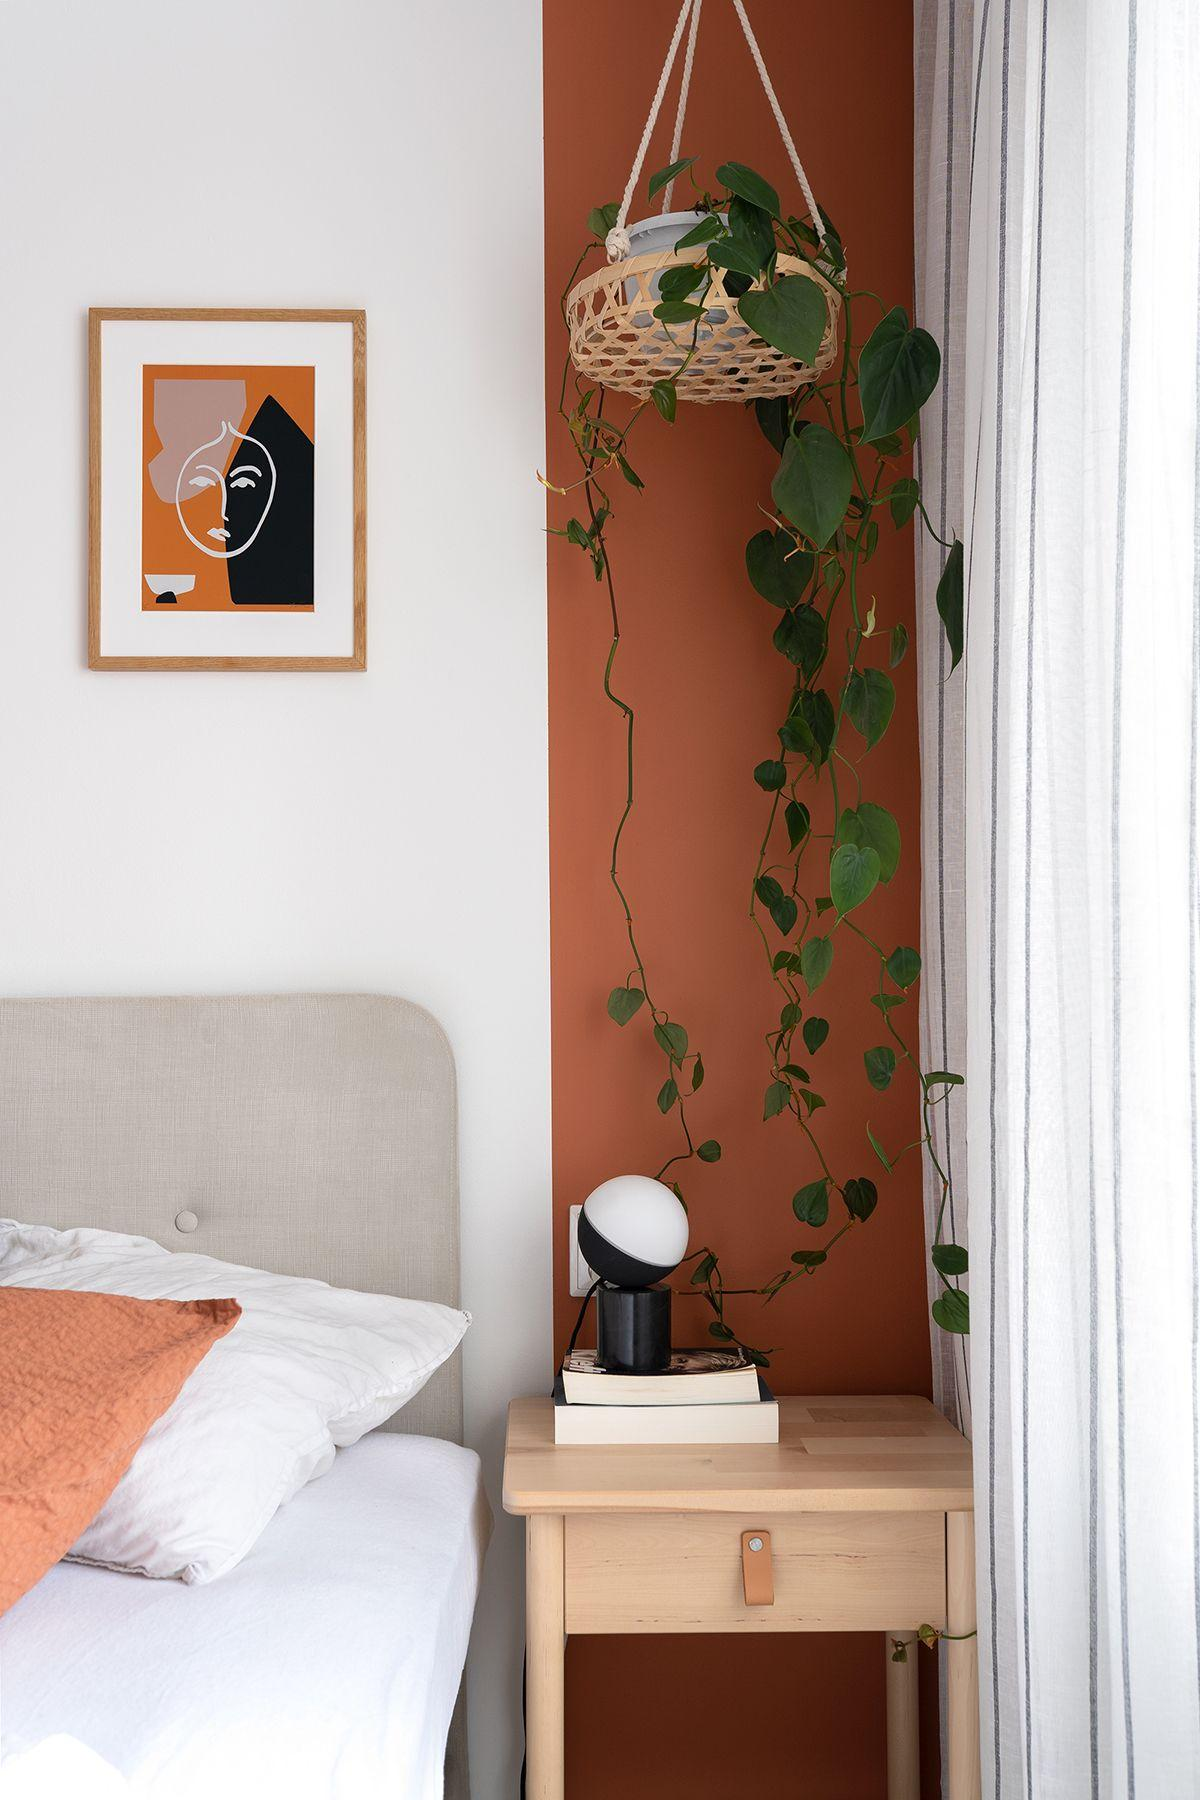 Ideias para mudar o visual da sua casa sem gastar muito